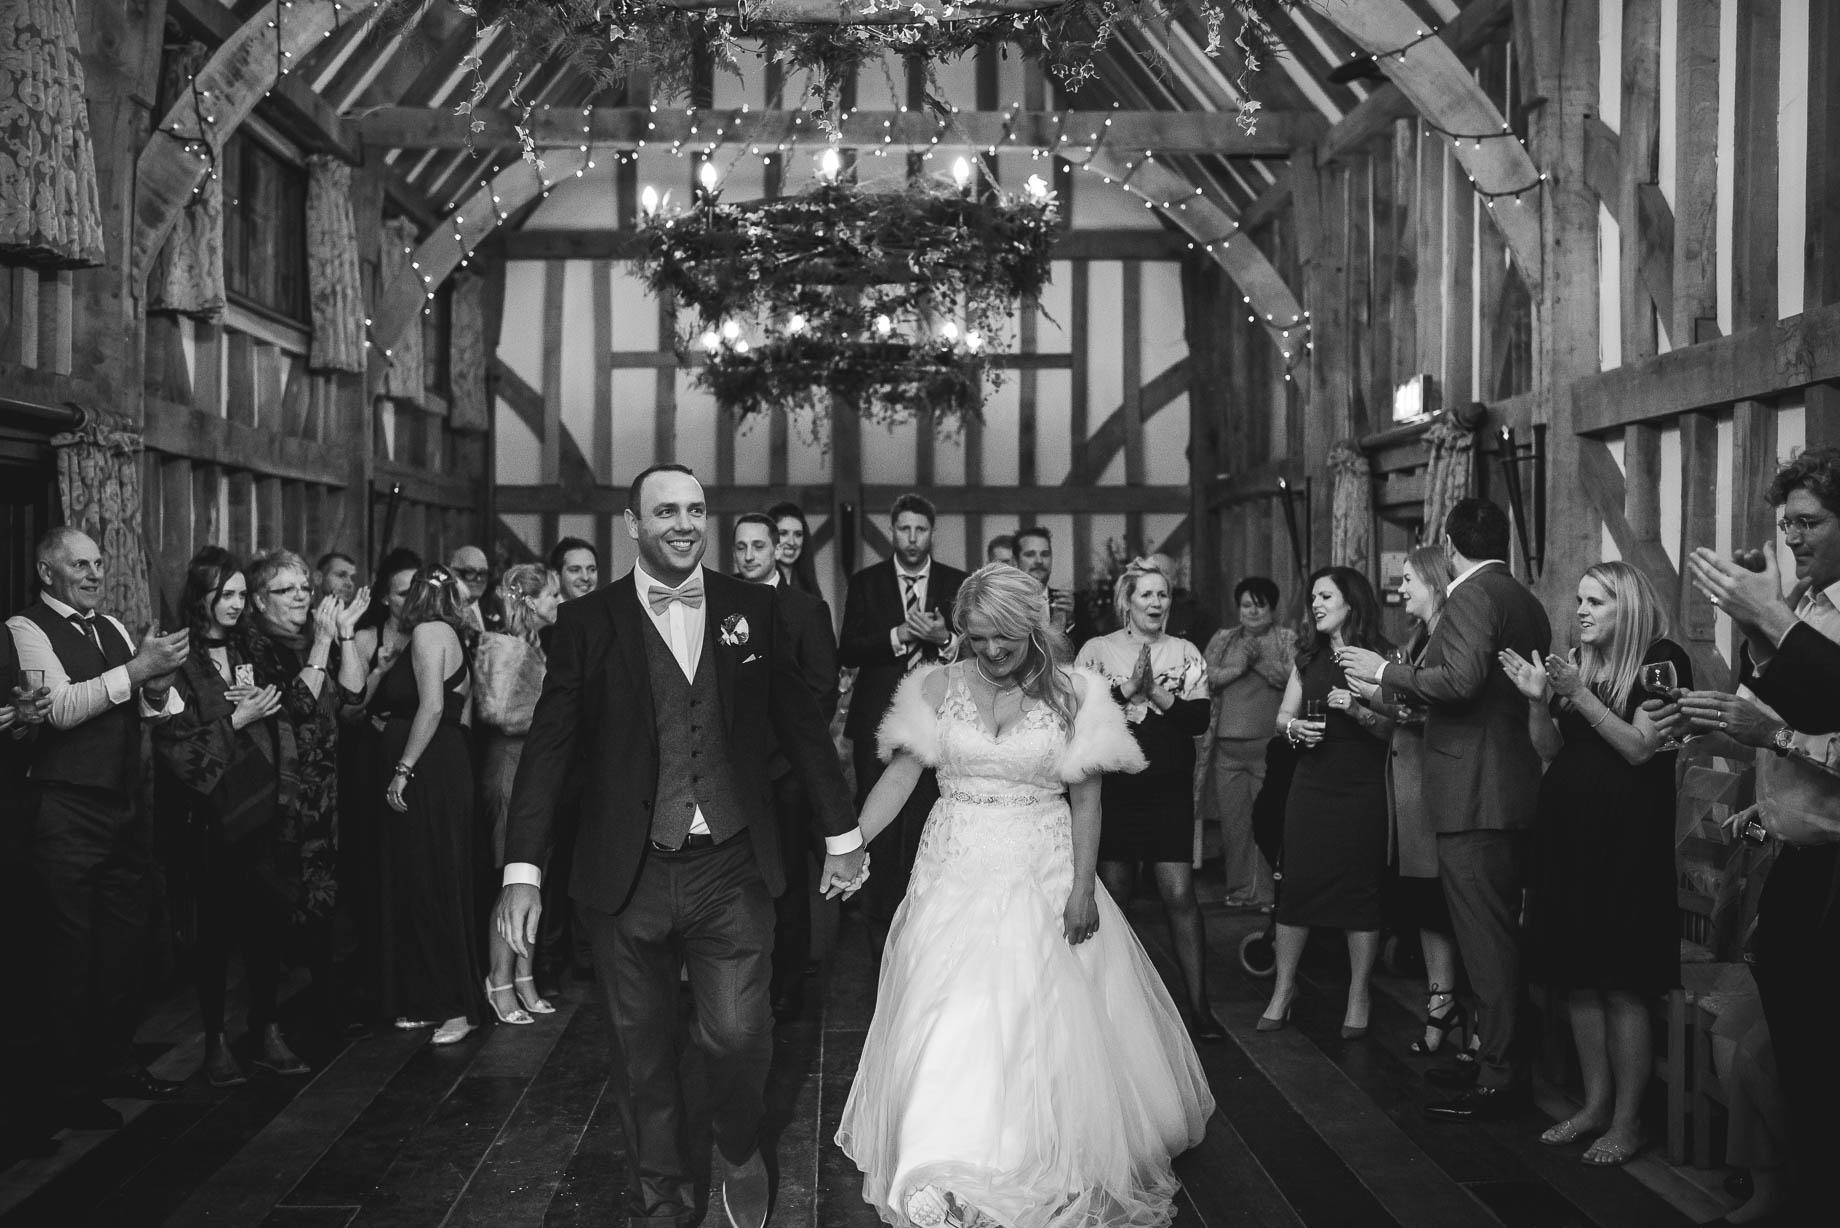 Gate Street Barn wedding photography - Camilla + Dave